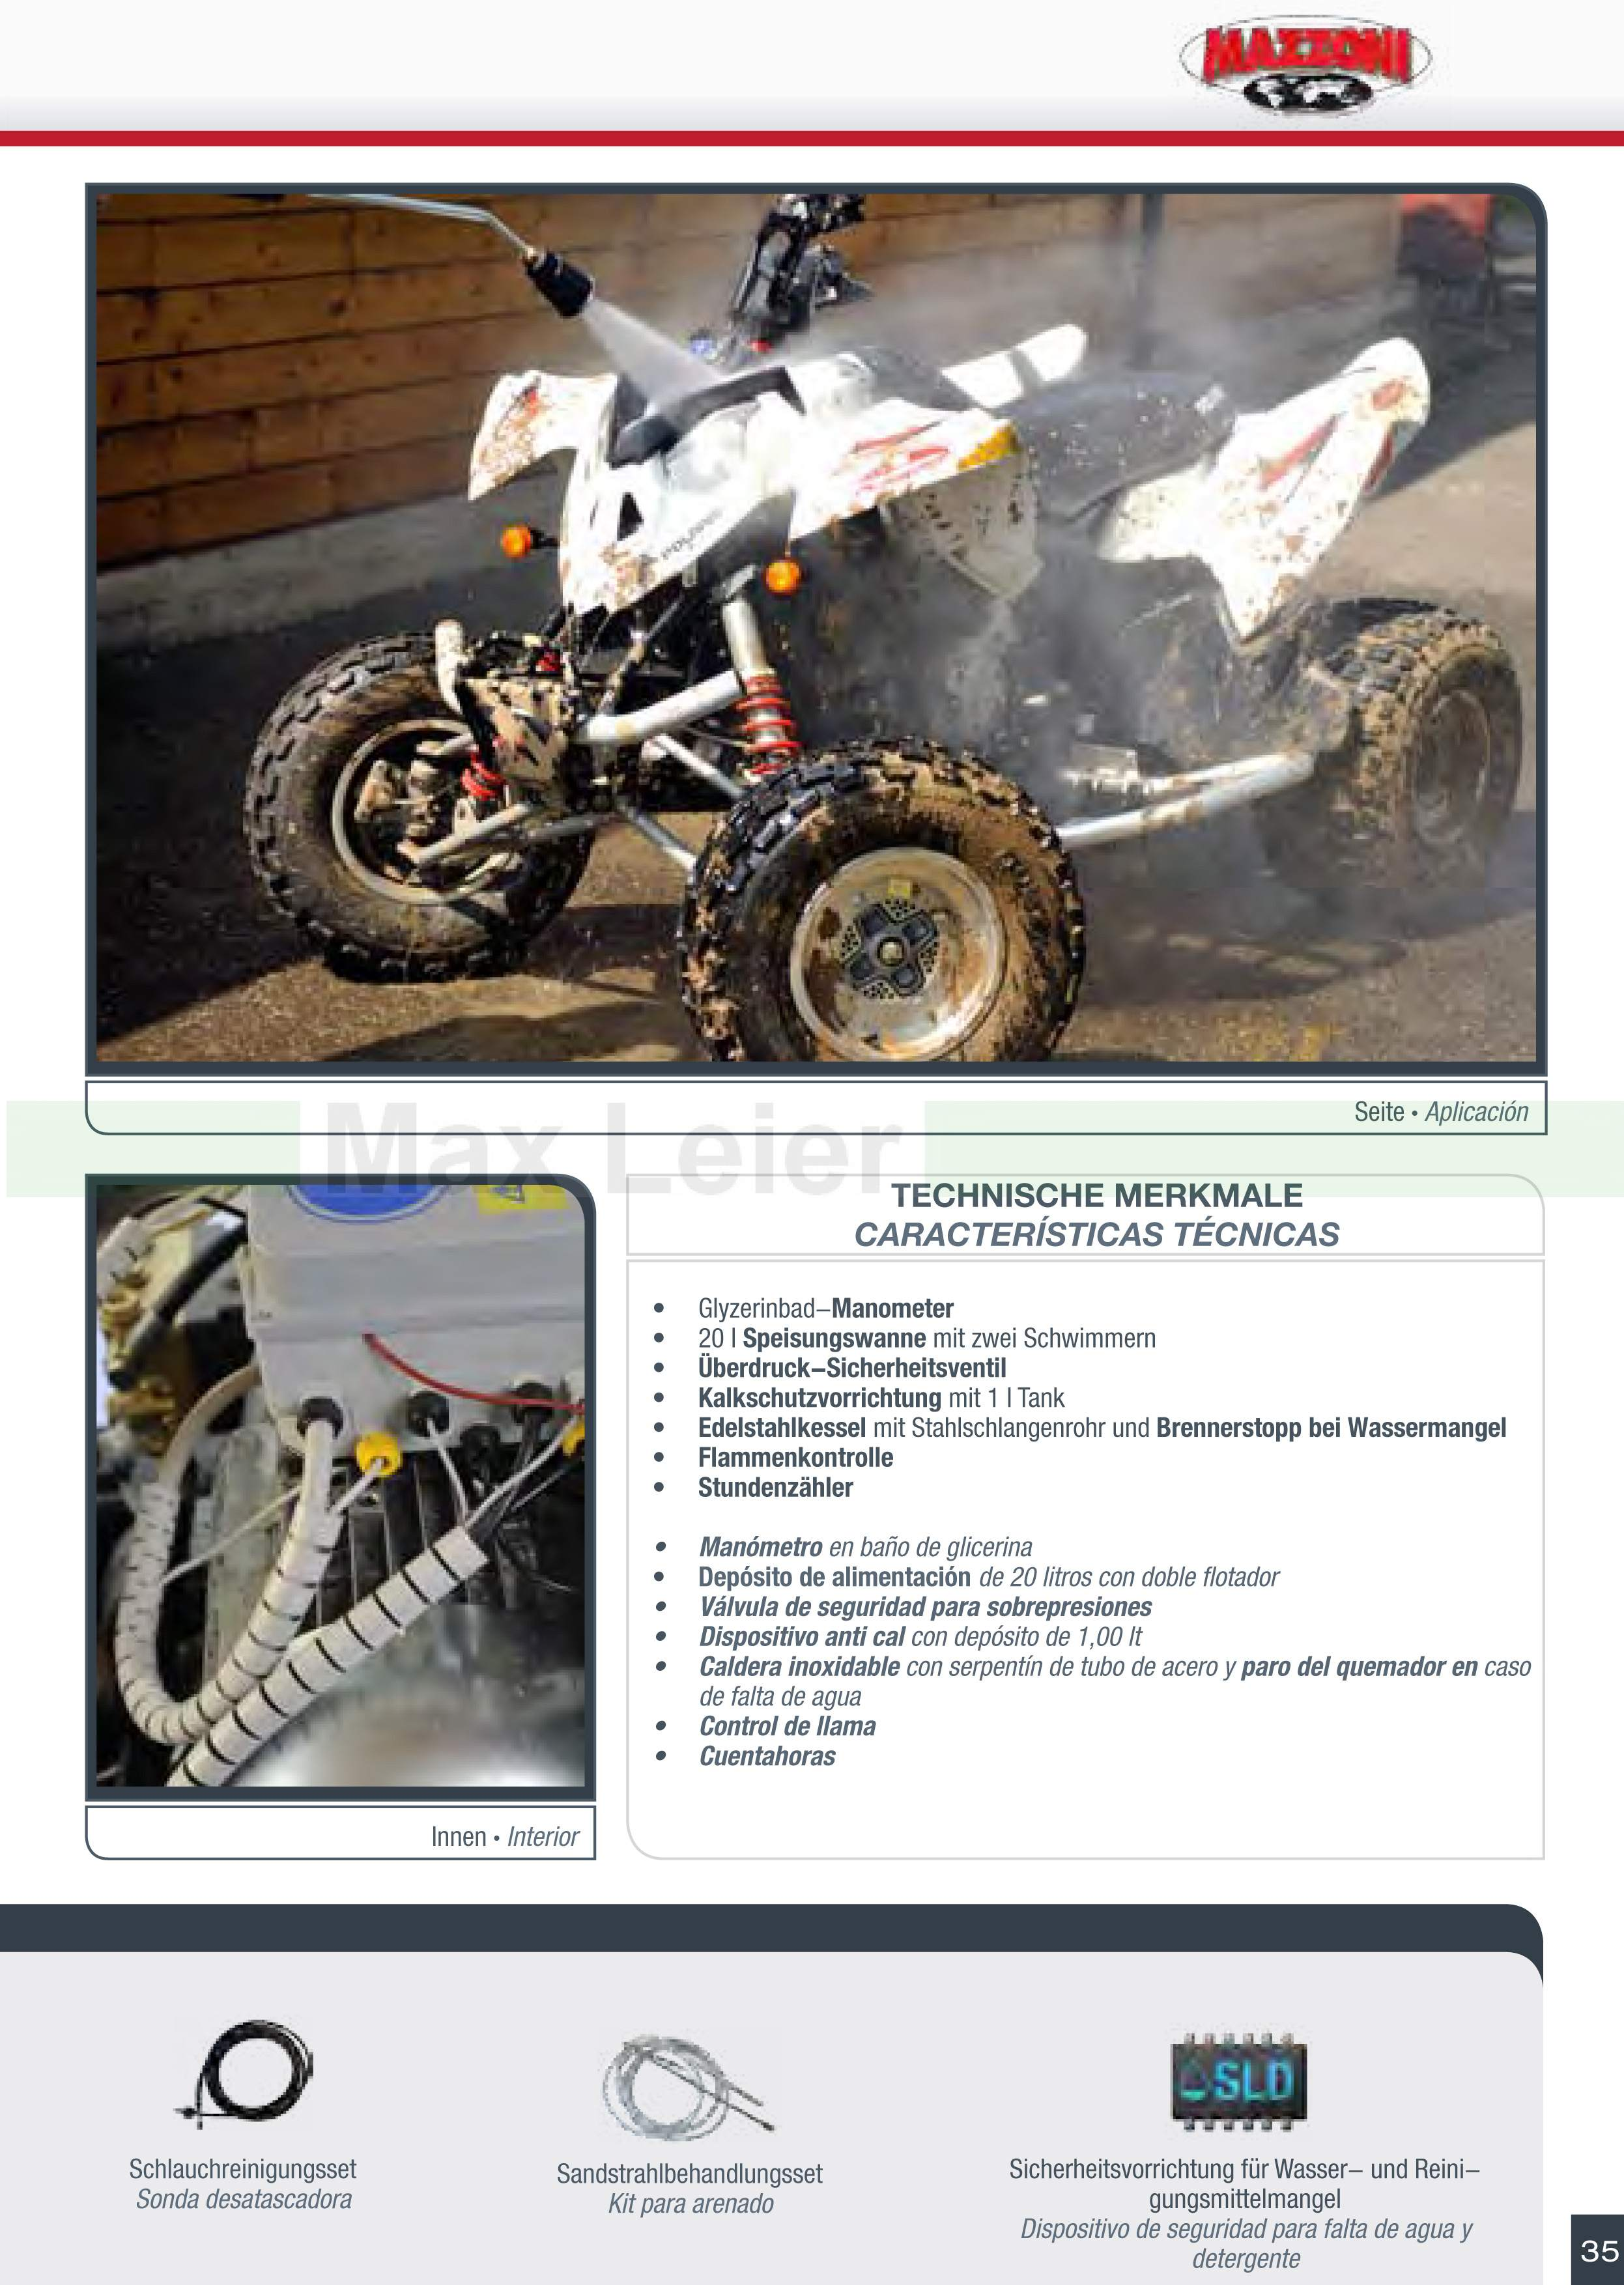 S35-Mazzoni